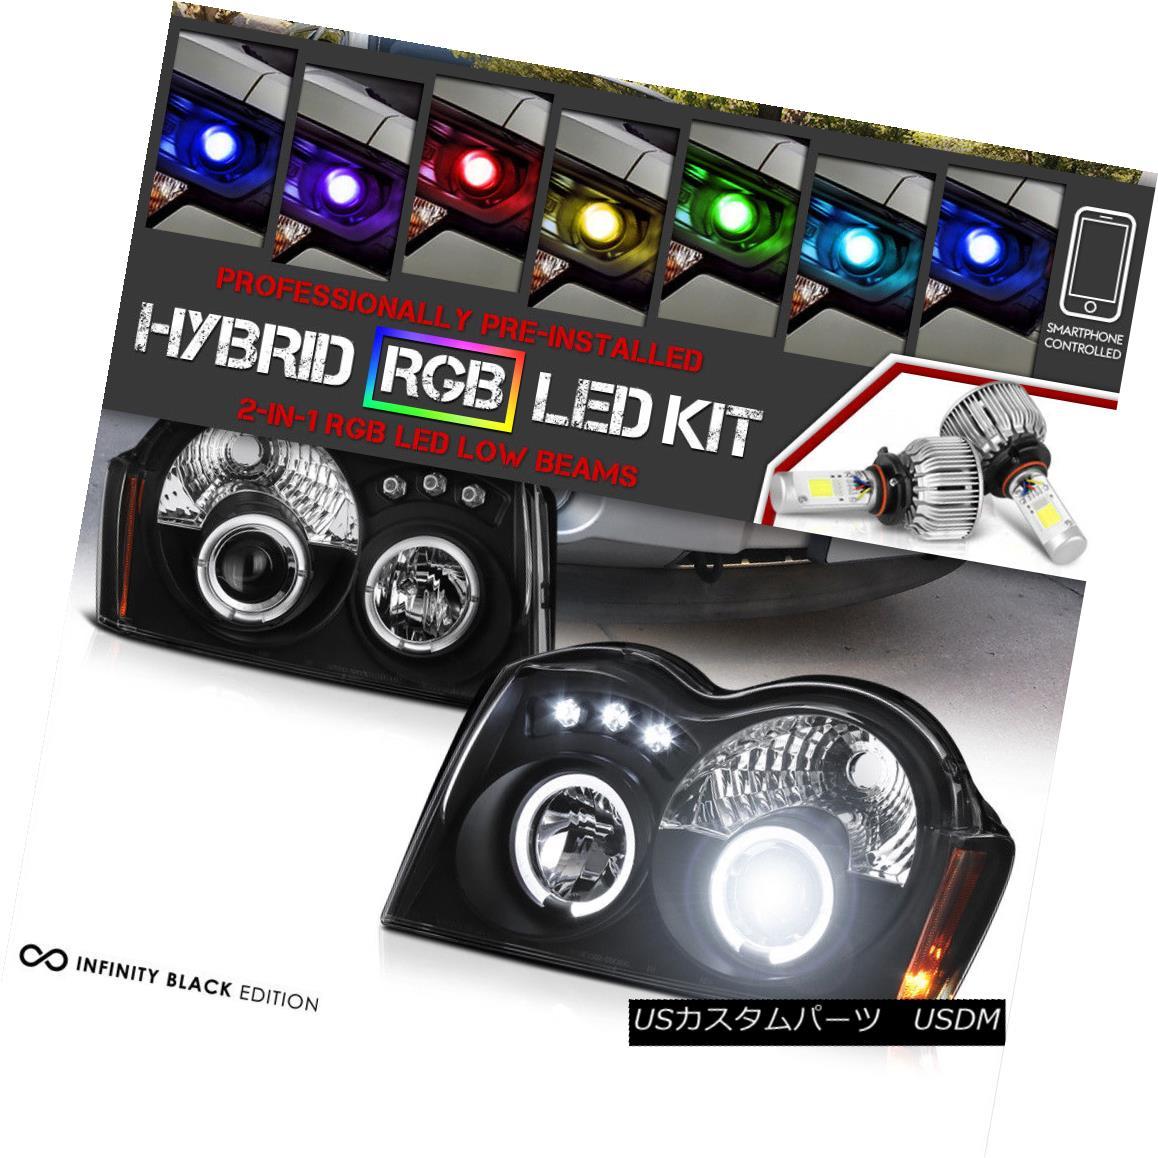 ヘッドライト 2005-2007 Jeep Grand Cherokee LED Halo Headlight [Flashing Multi-Color Low Beam] 2005 - 2007年ジープグランドチェロキーLEDハローヘッドライト[点滅多色ロービーム]